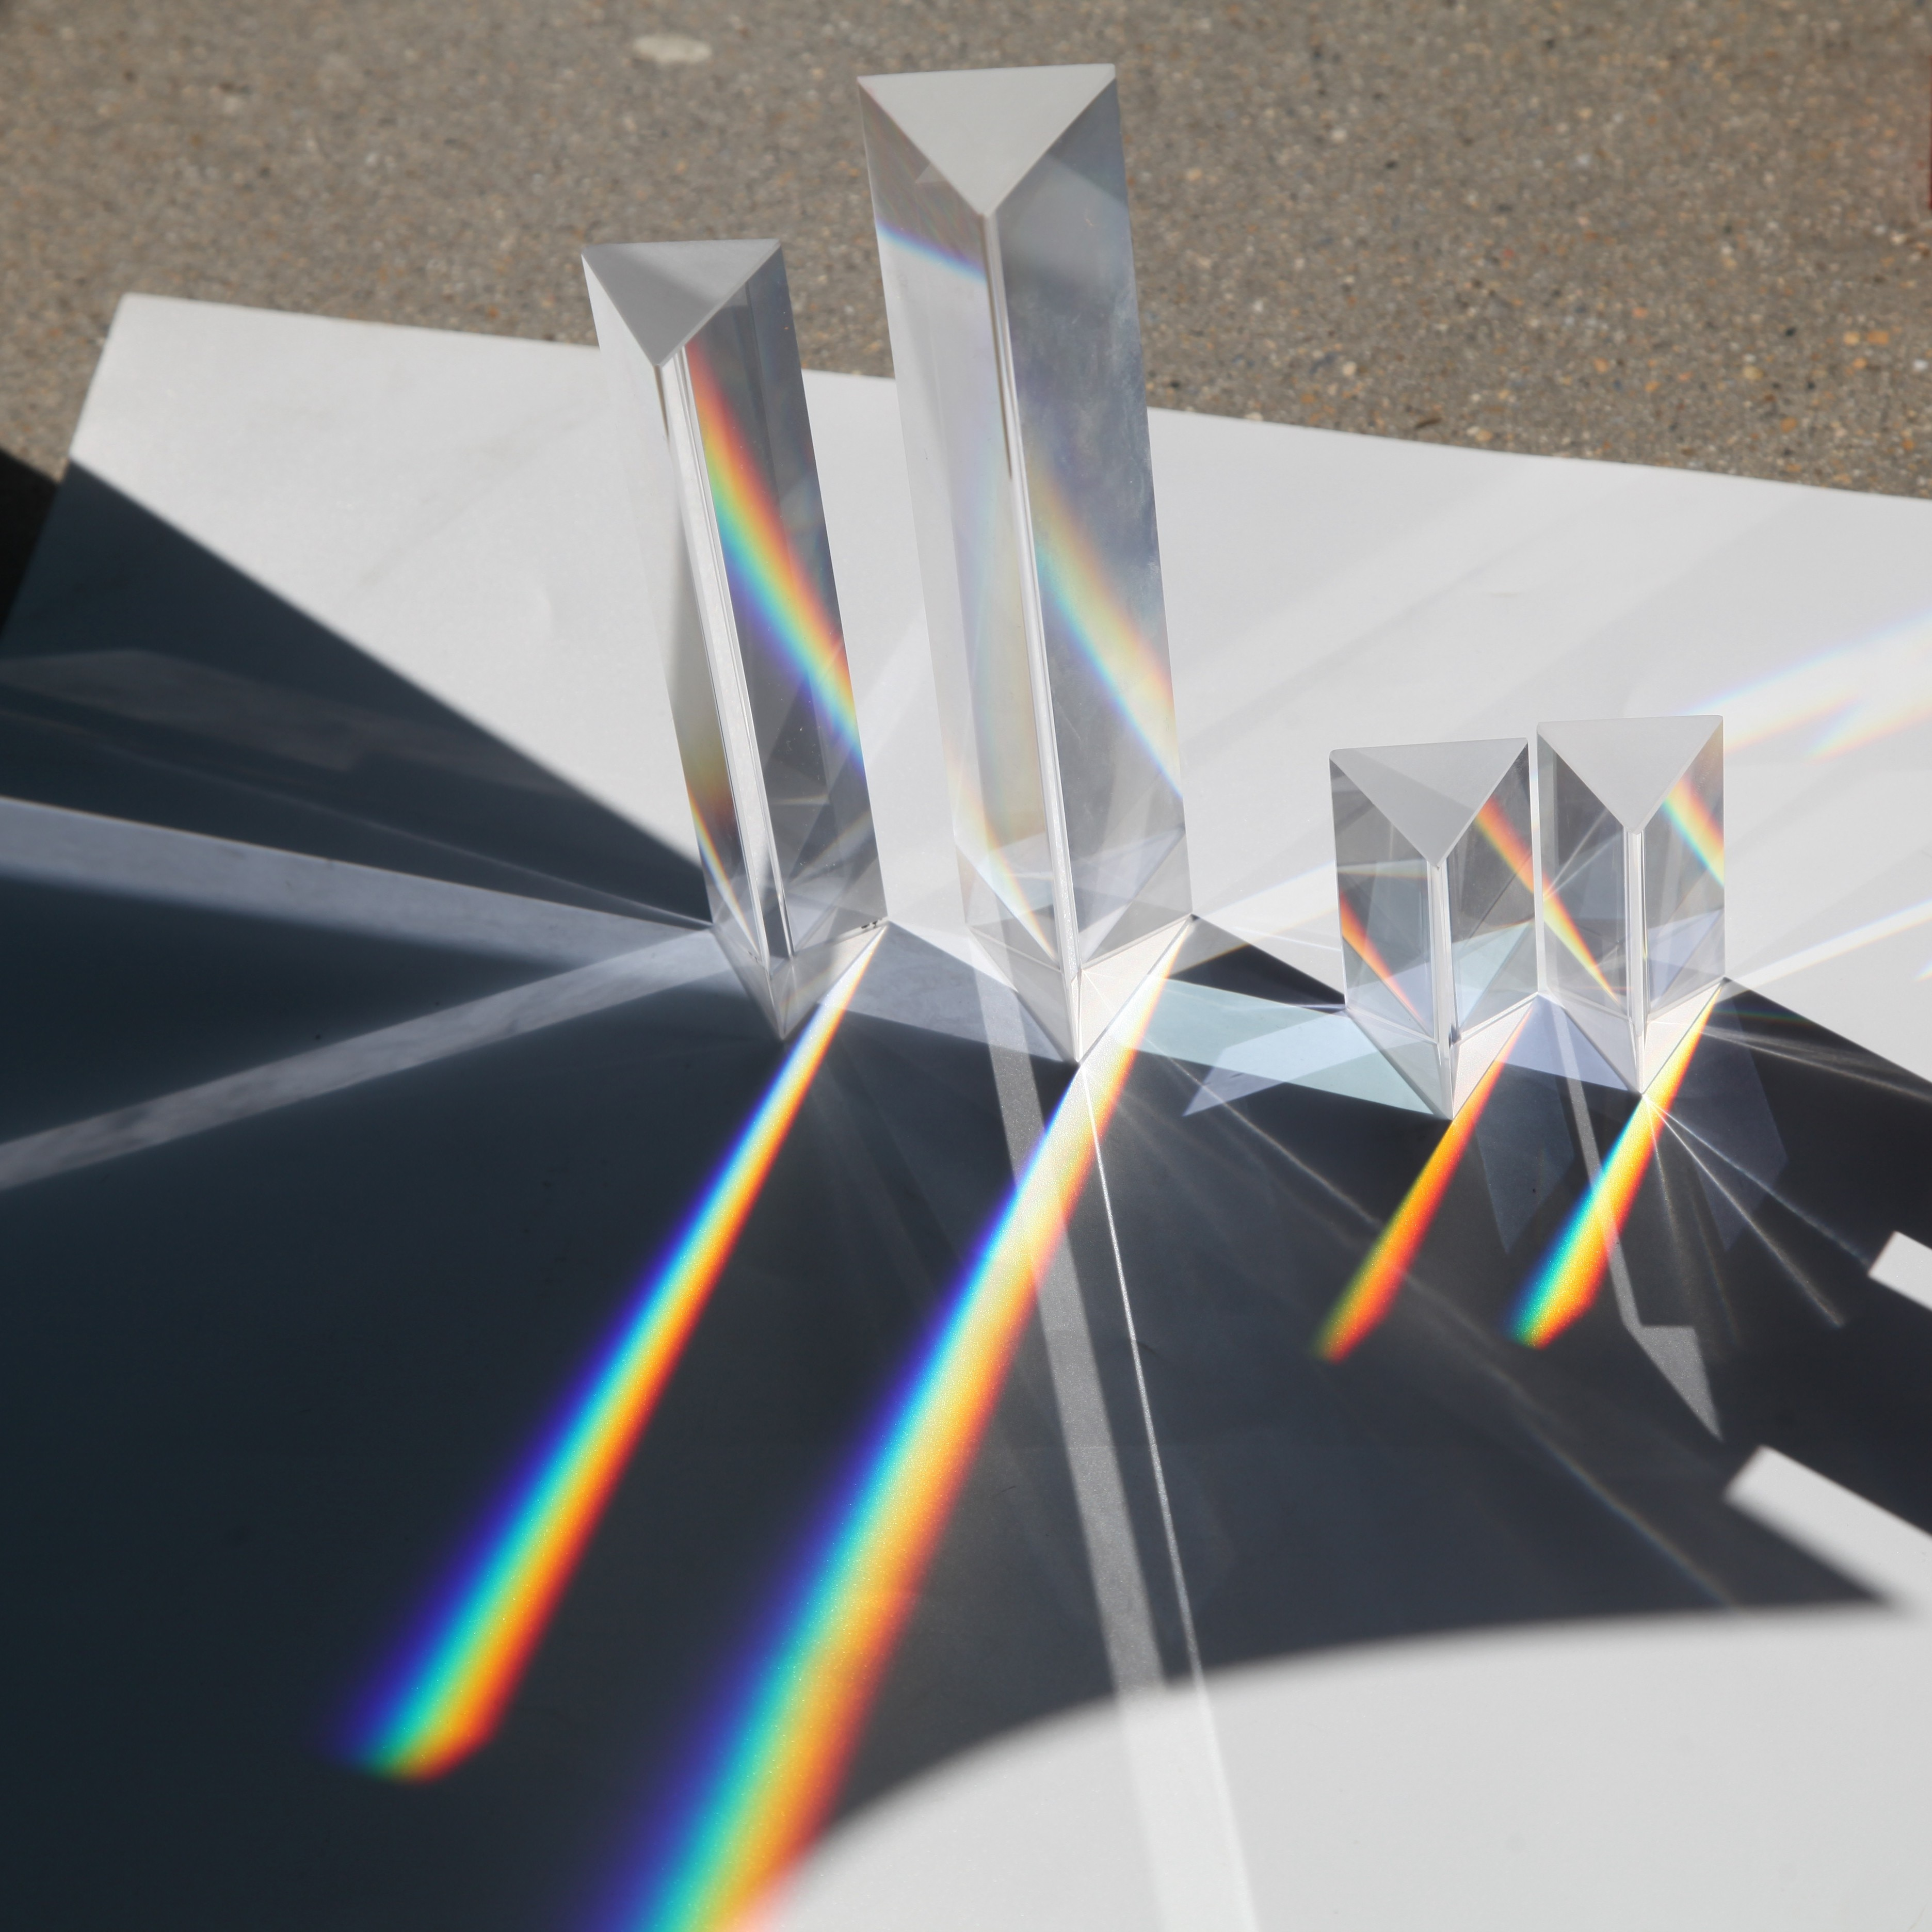 Оптическое стекло правый угол Призма Радуга фото реквизит физическое экспериментальное Оборудование сетка красное зеркало Mitsubishi